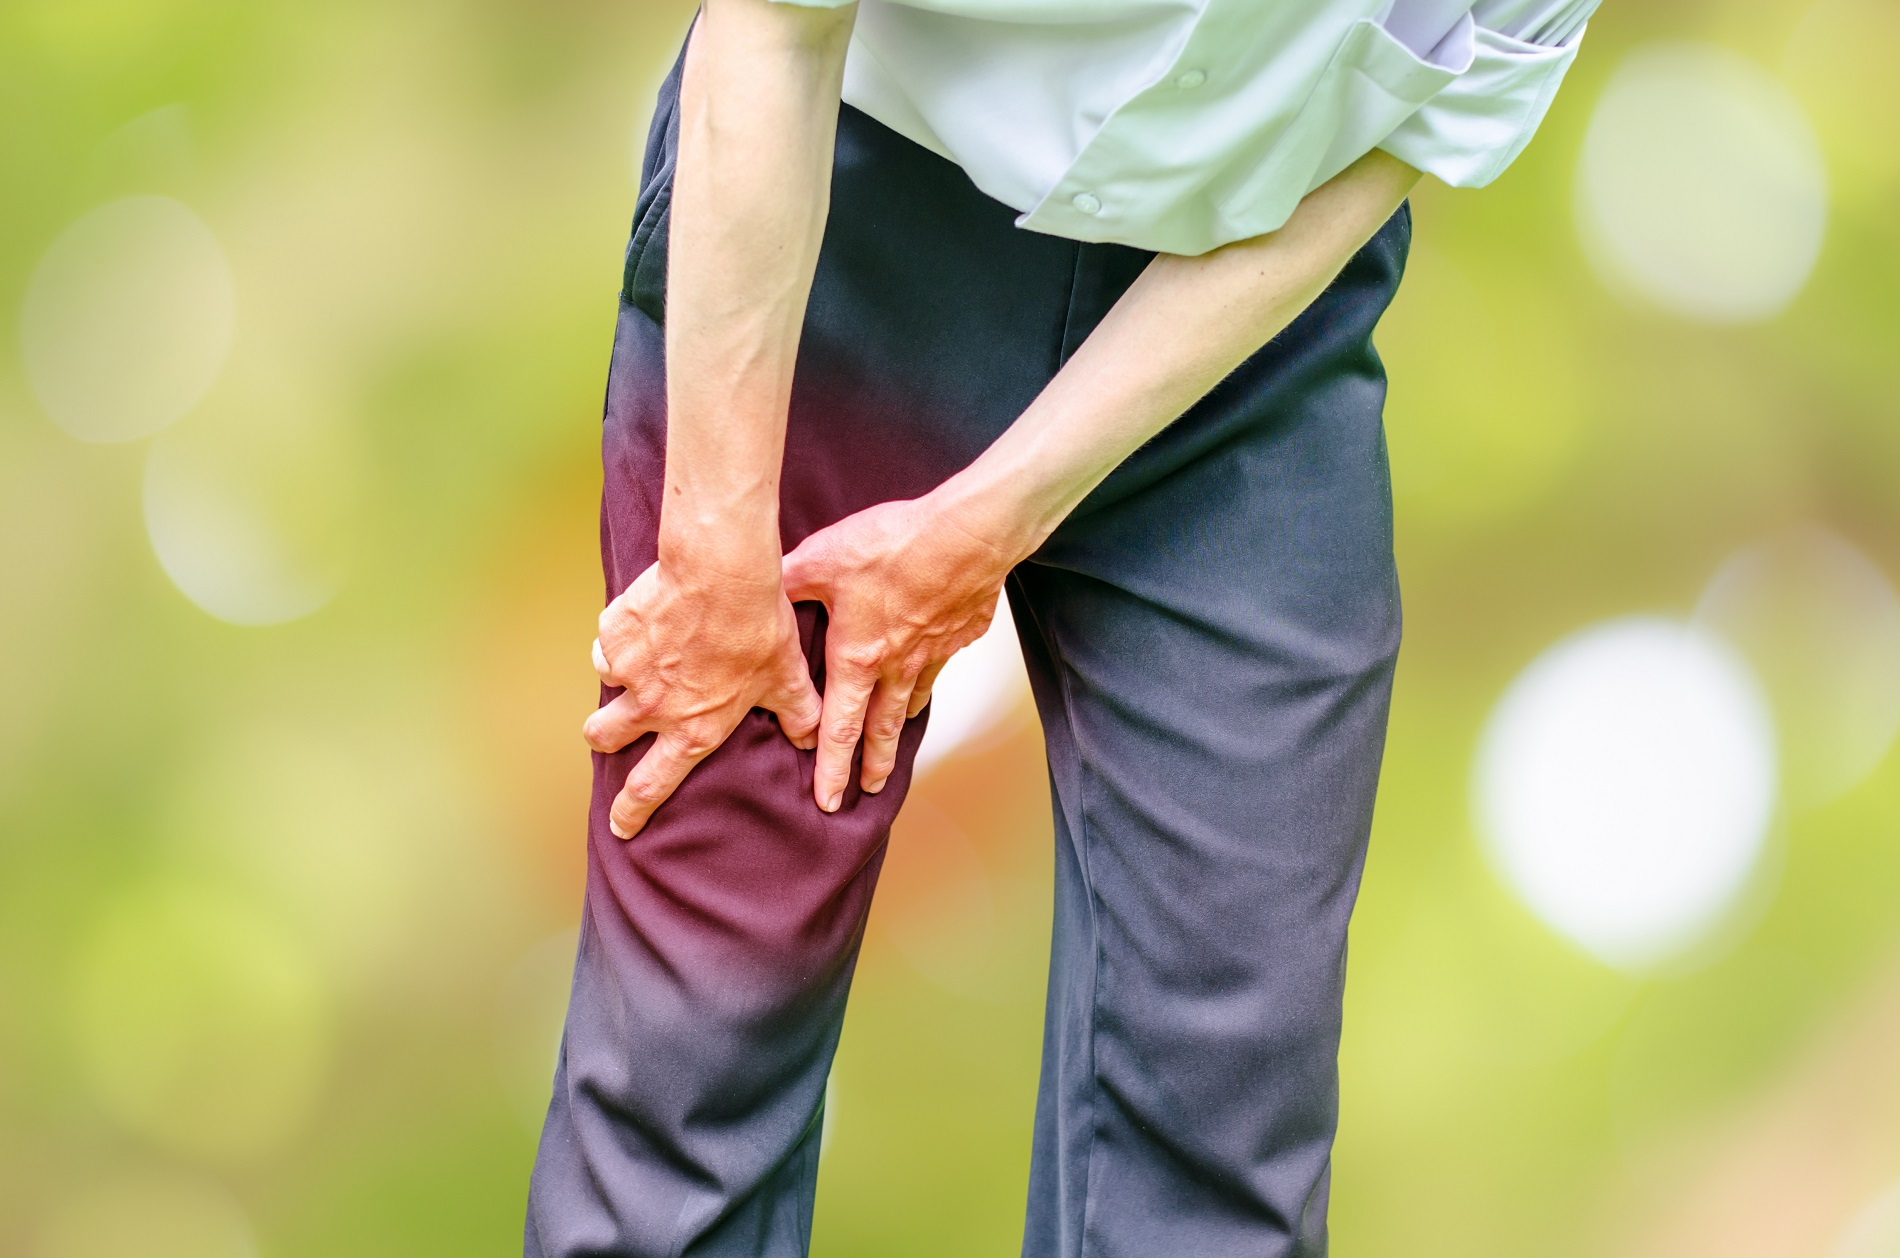 könyök- és térdbetegség fájdalom a gyermekekben a csontokban és ízületekben